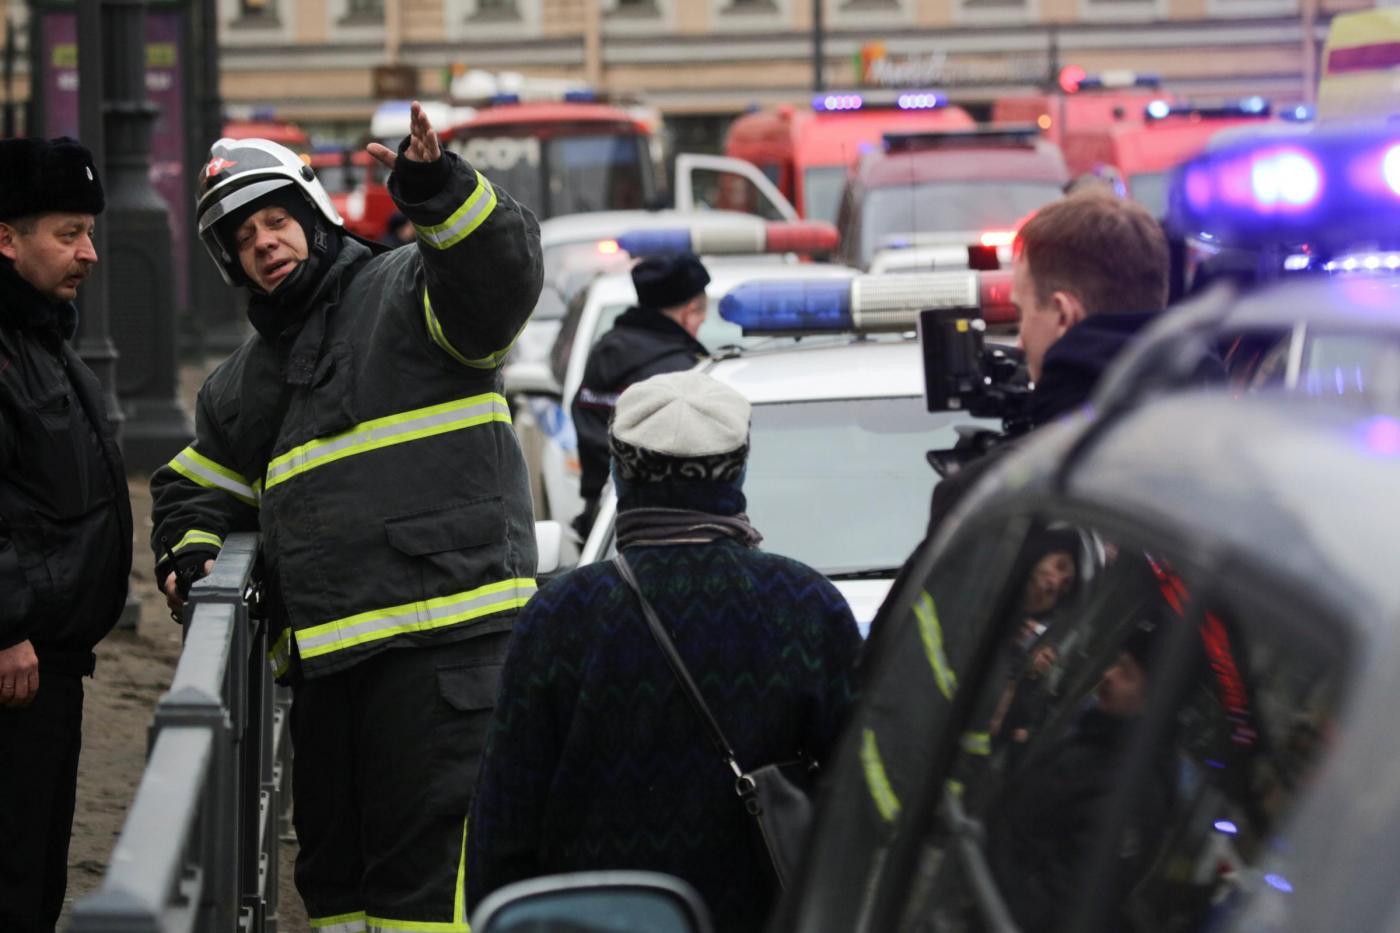 Esplosione San Pietroburgo: l'Isis stava preparando l'attacco in Russia già un anno fa